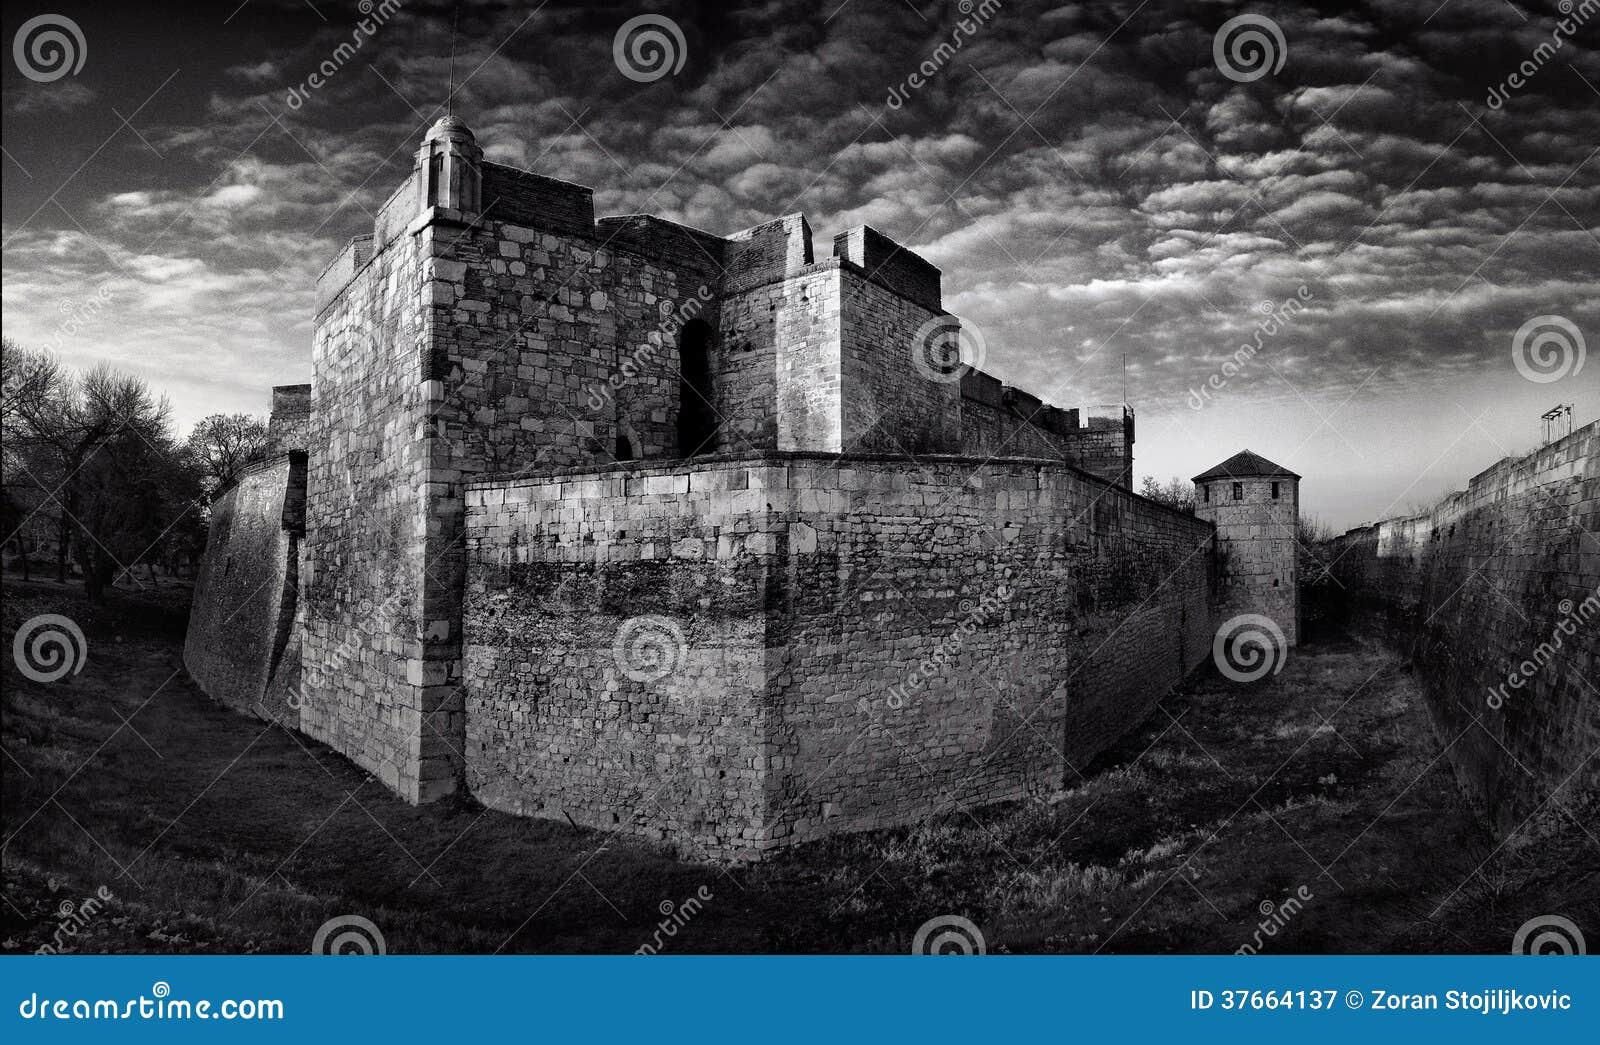 Baba Vida Fortress